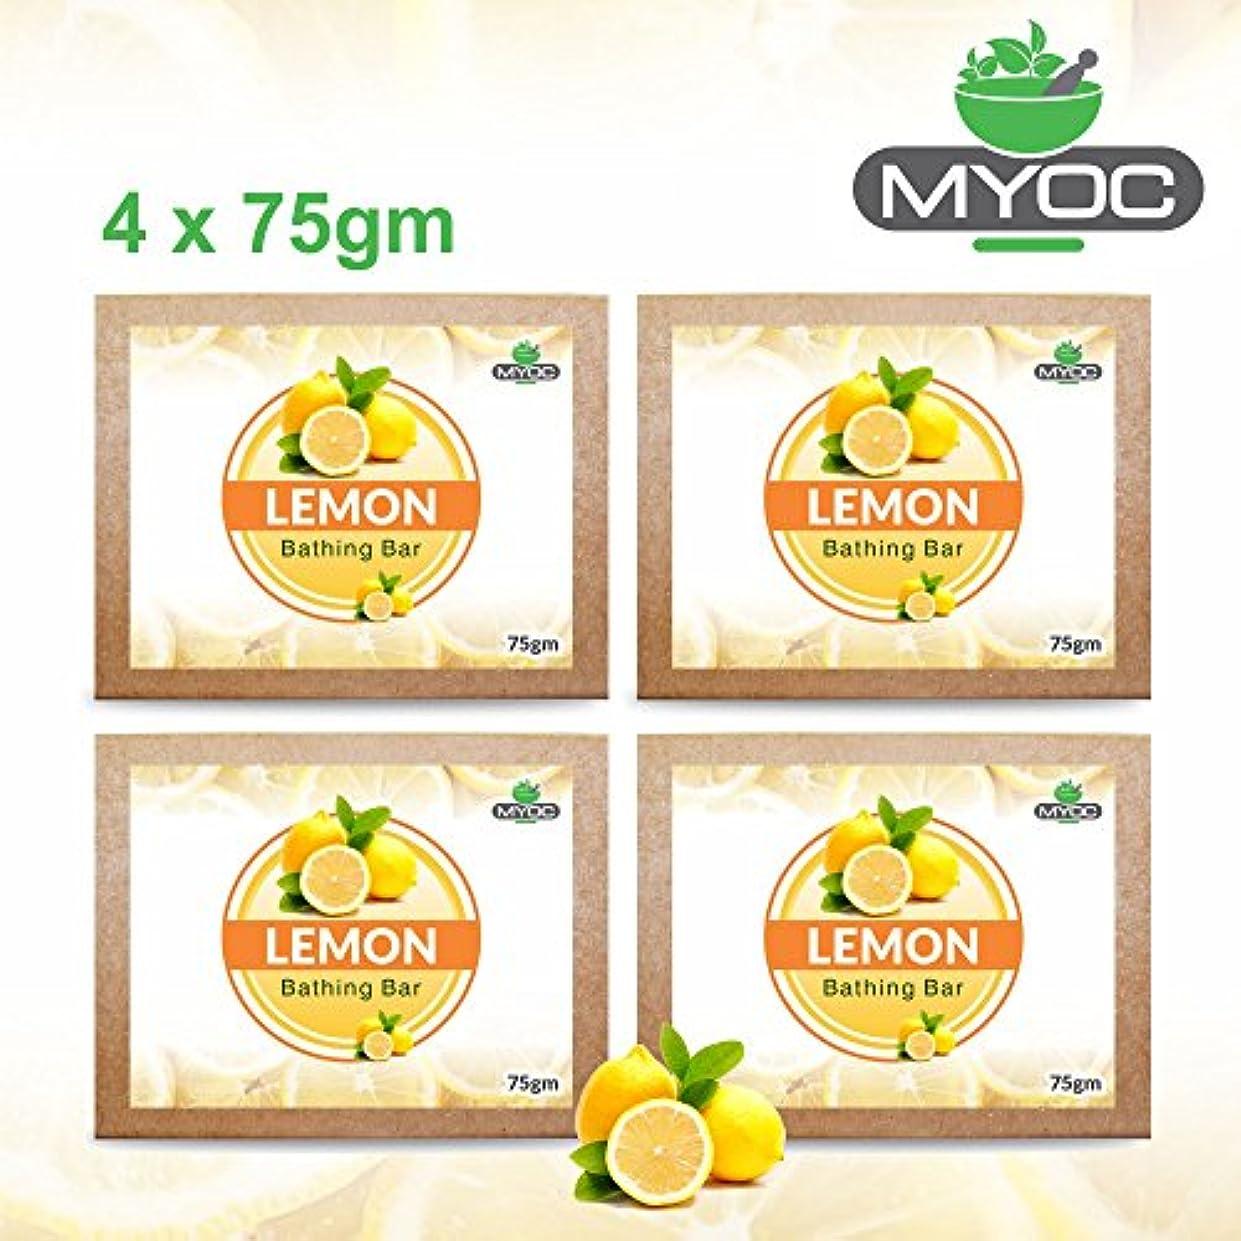 鳥克服する装備するLemon Oil And Vitamin E Astringent Soap, deodorant, antiseptic soap for clogged pores and acne prone skin 75g...